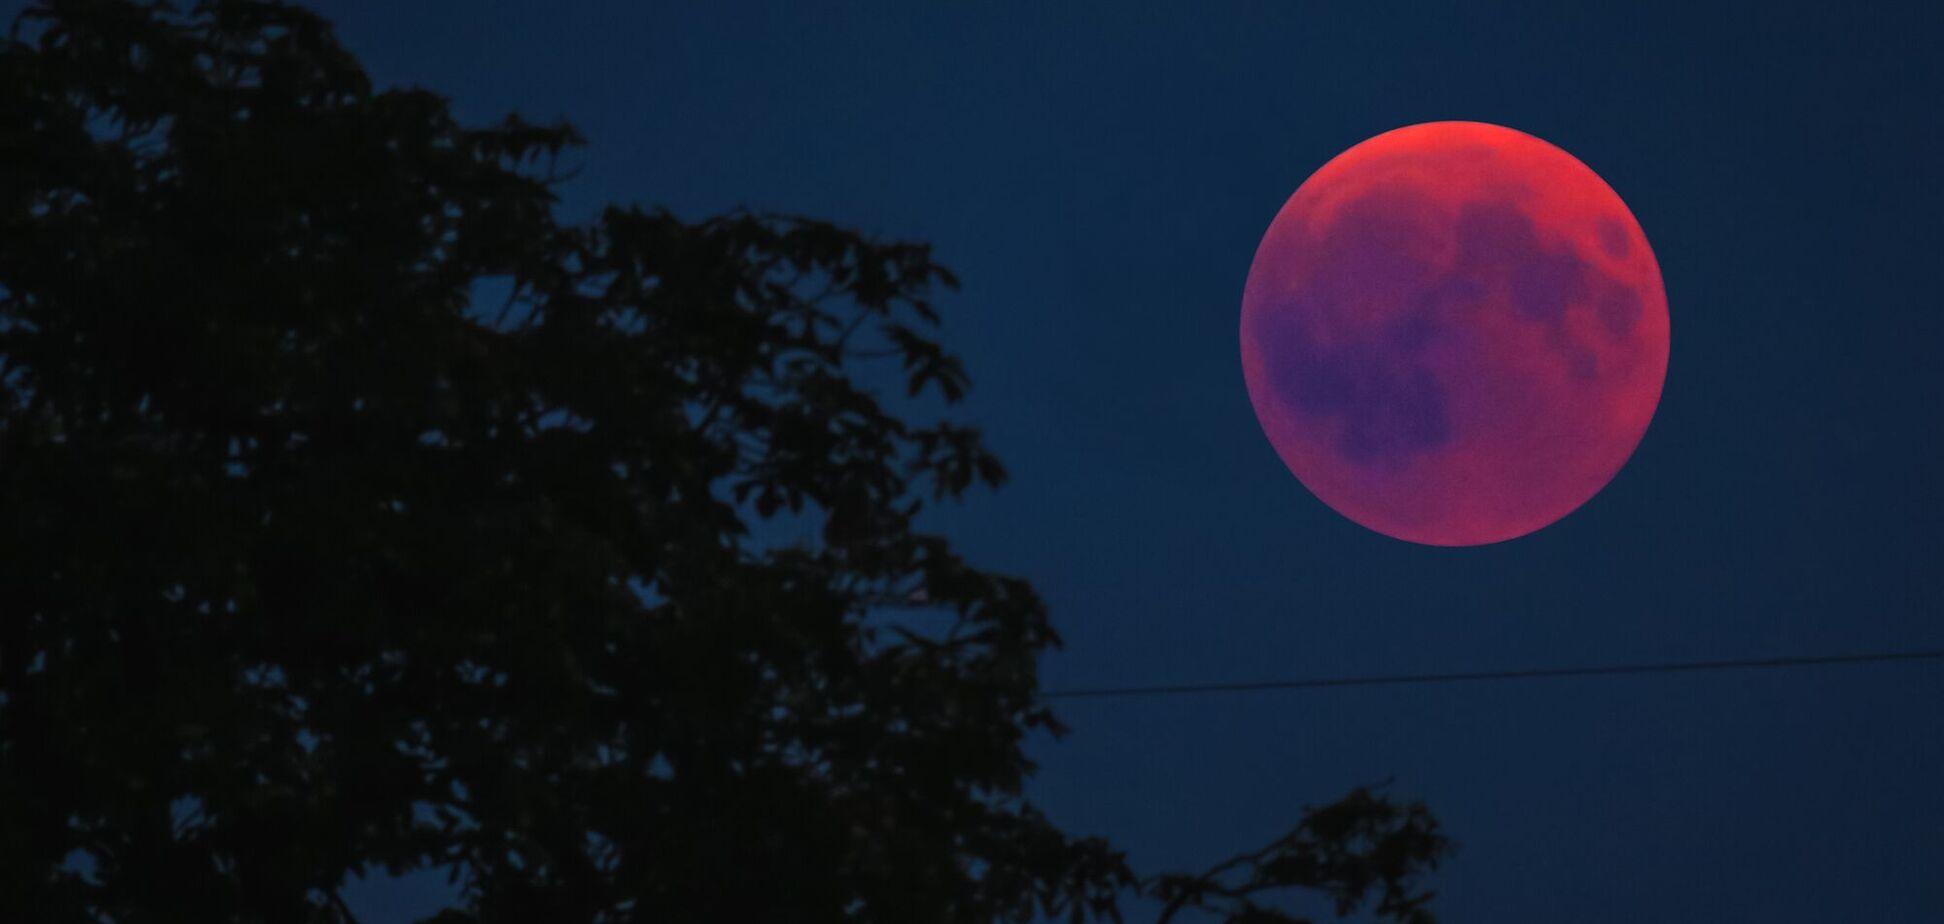 В ночном небе 26 мая будут видны Кровавая Лунаи суперлуние